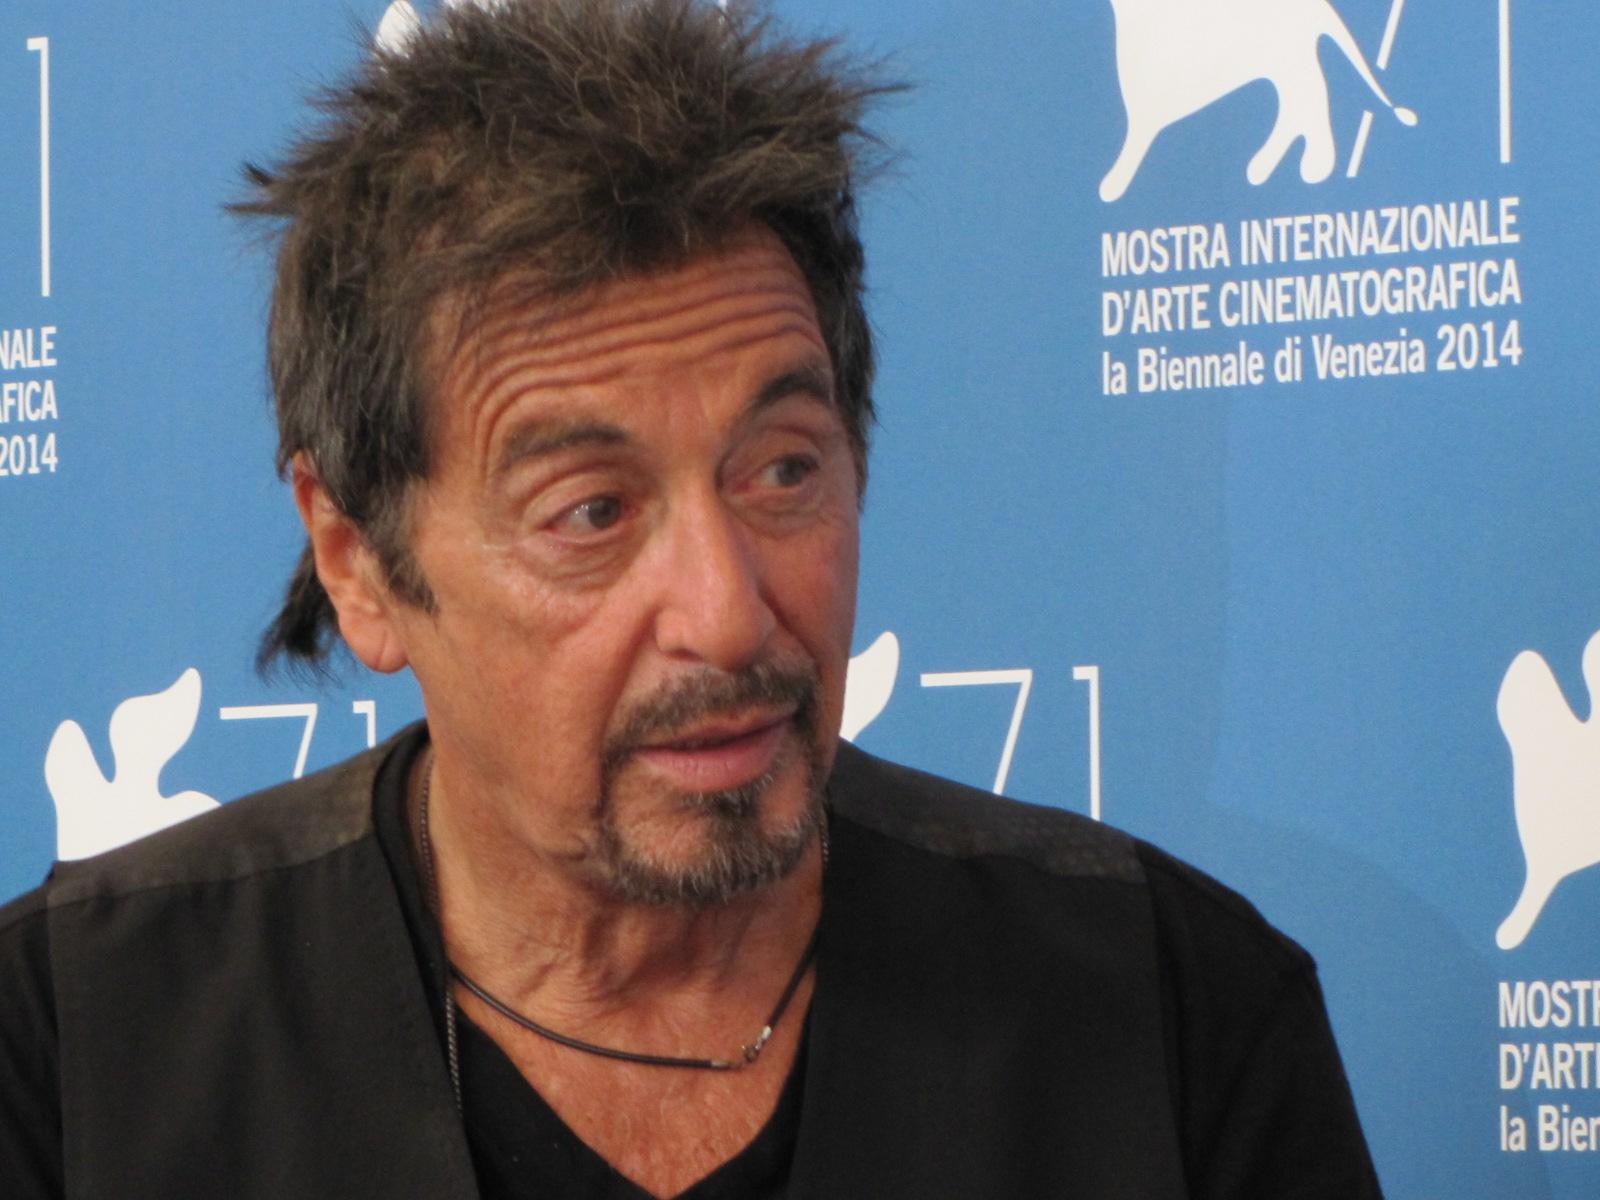 Al Pacino alla Mostra del Cinema di Venezia 2014 con due film: Manglehorn e The Humbling